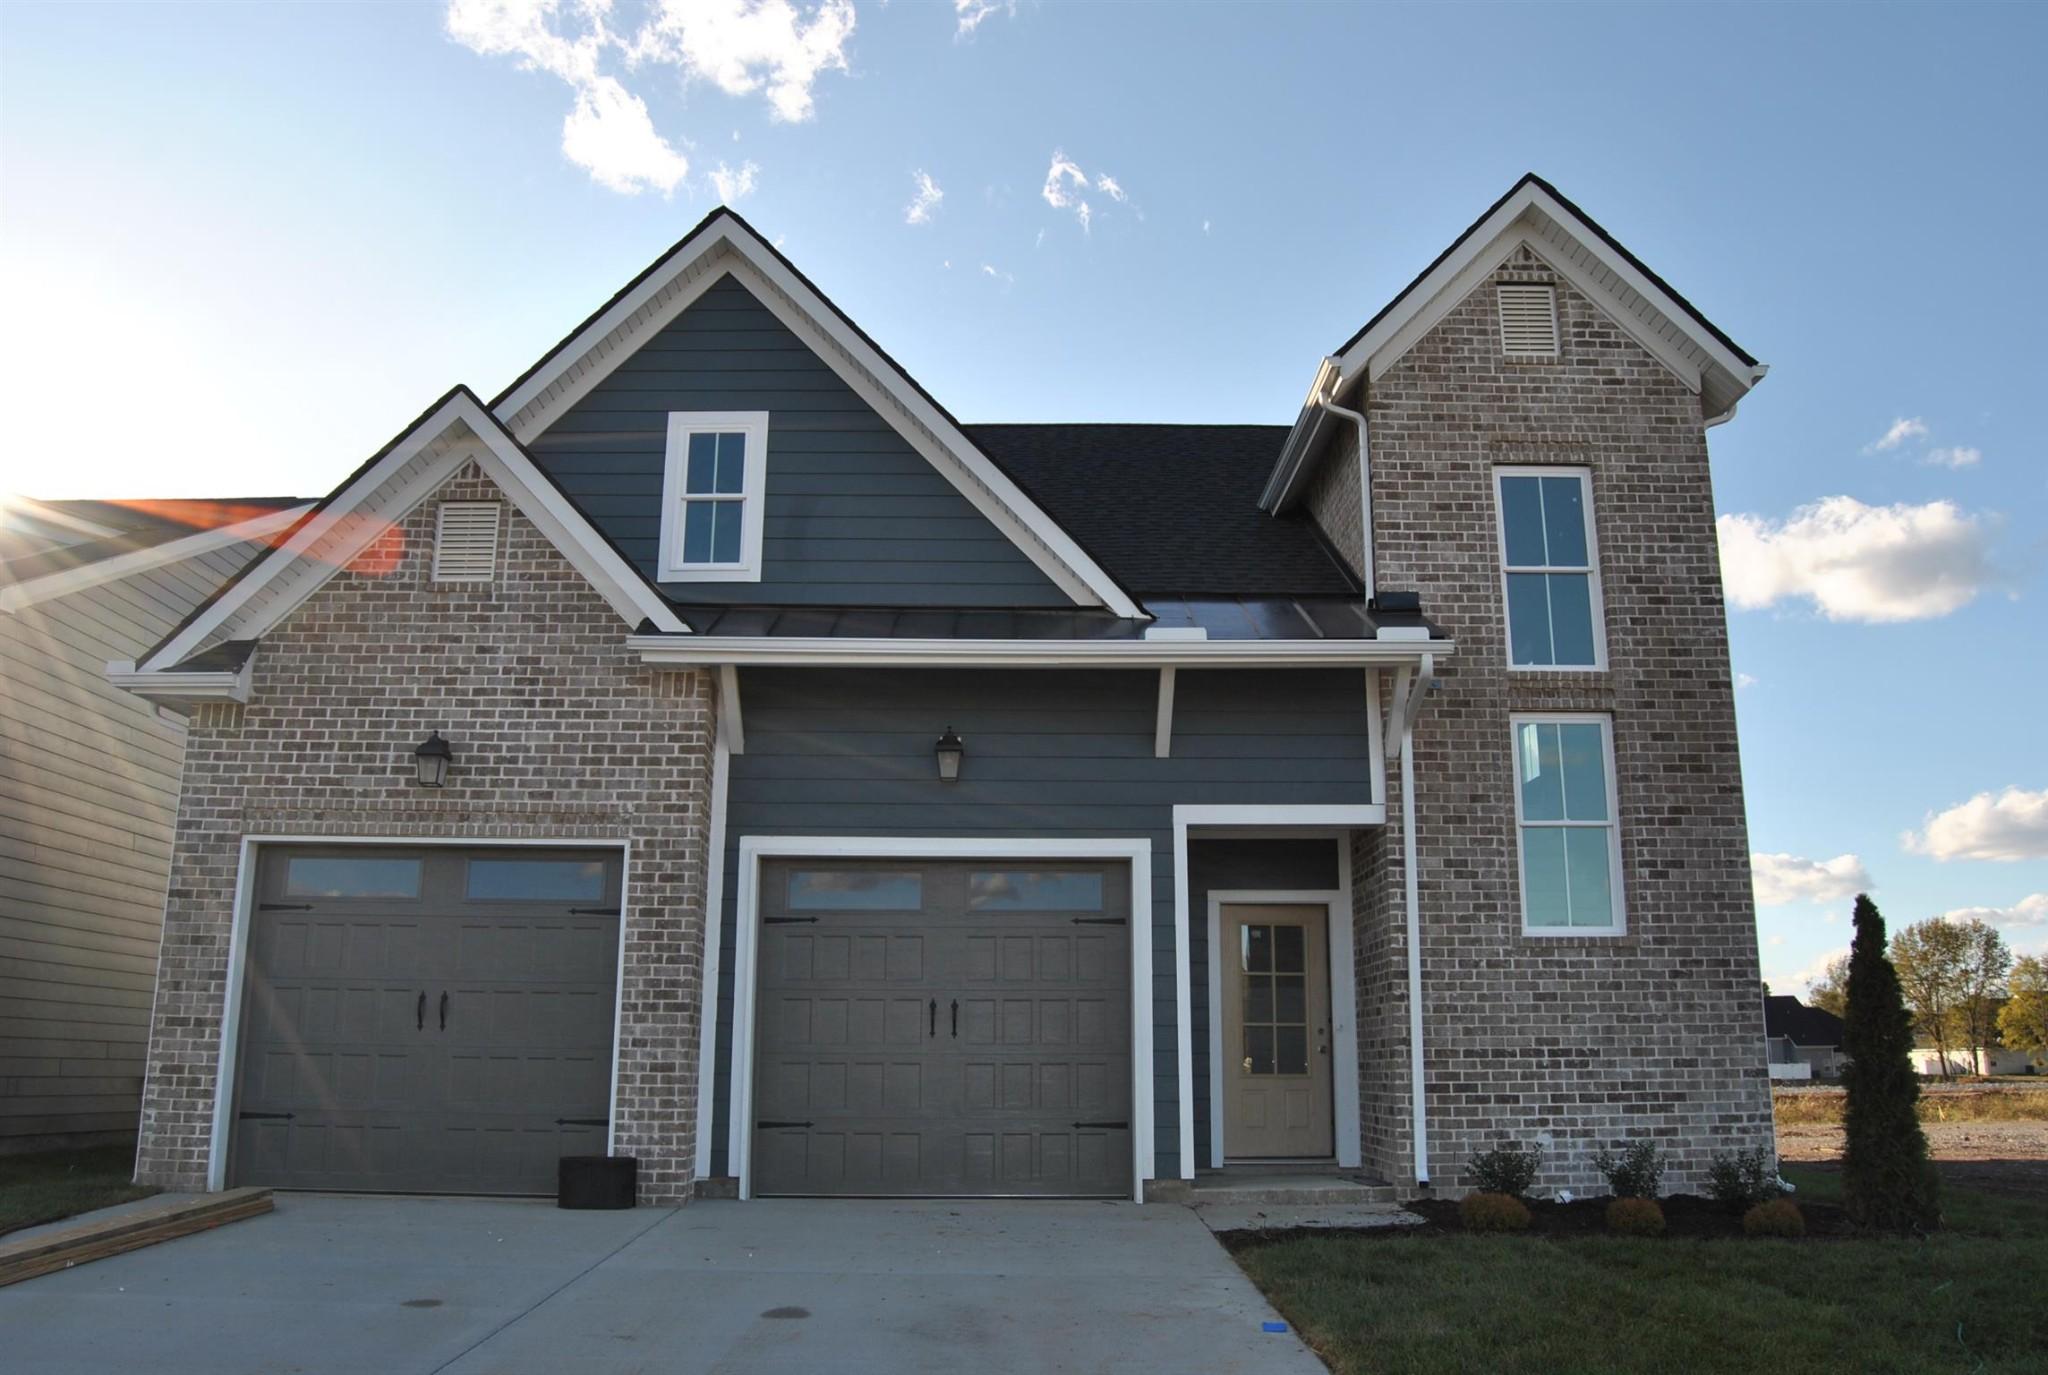 3441 Caroline Farms Drive 52, Murfreesboro, TN 37129 - Murfreesboro, TN real estate listing